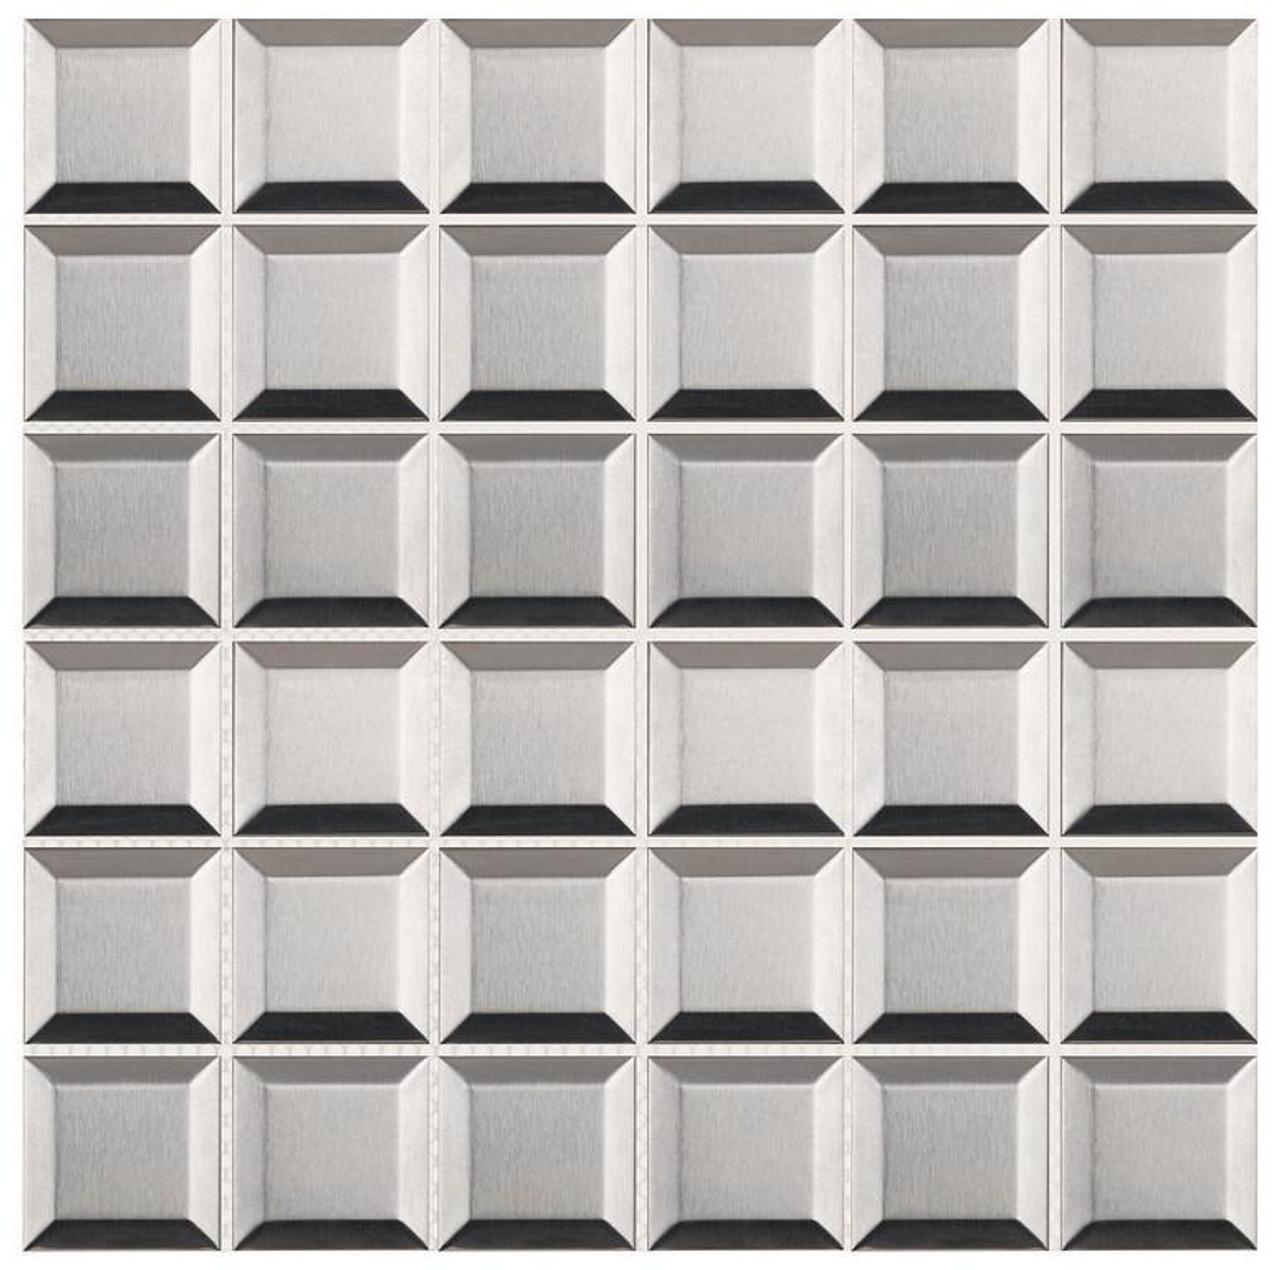 UBC Stainless Steel Tile Backsplash 2 x 2 Beveled Mosaic